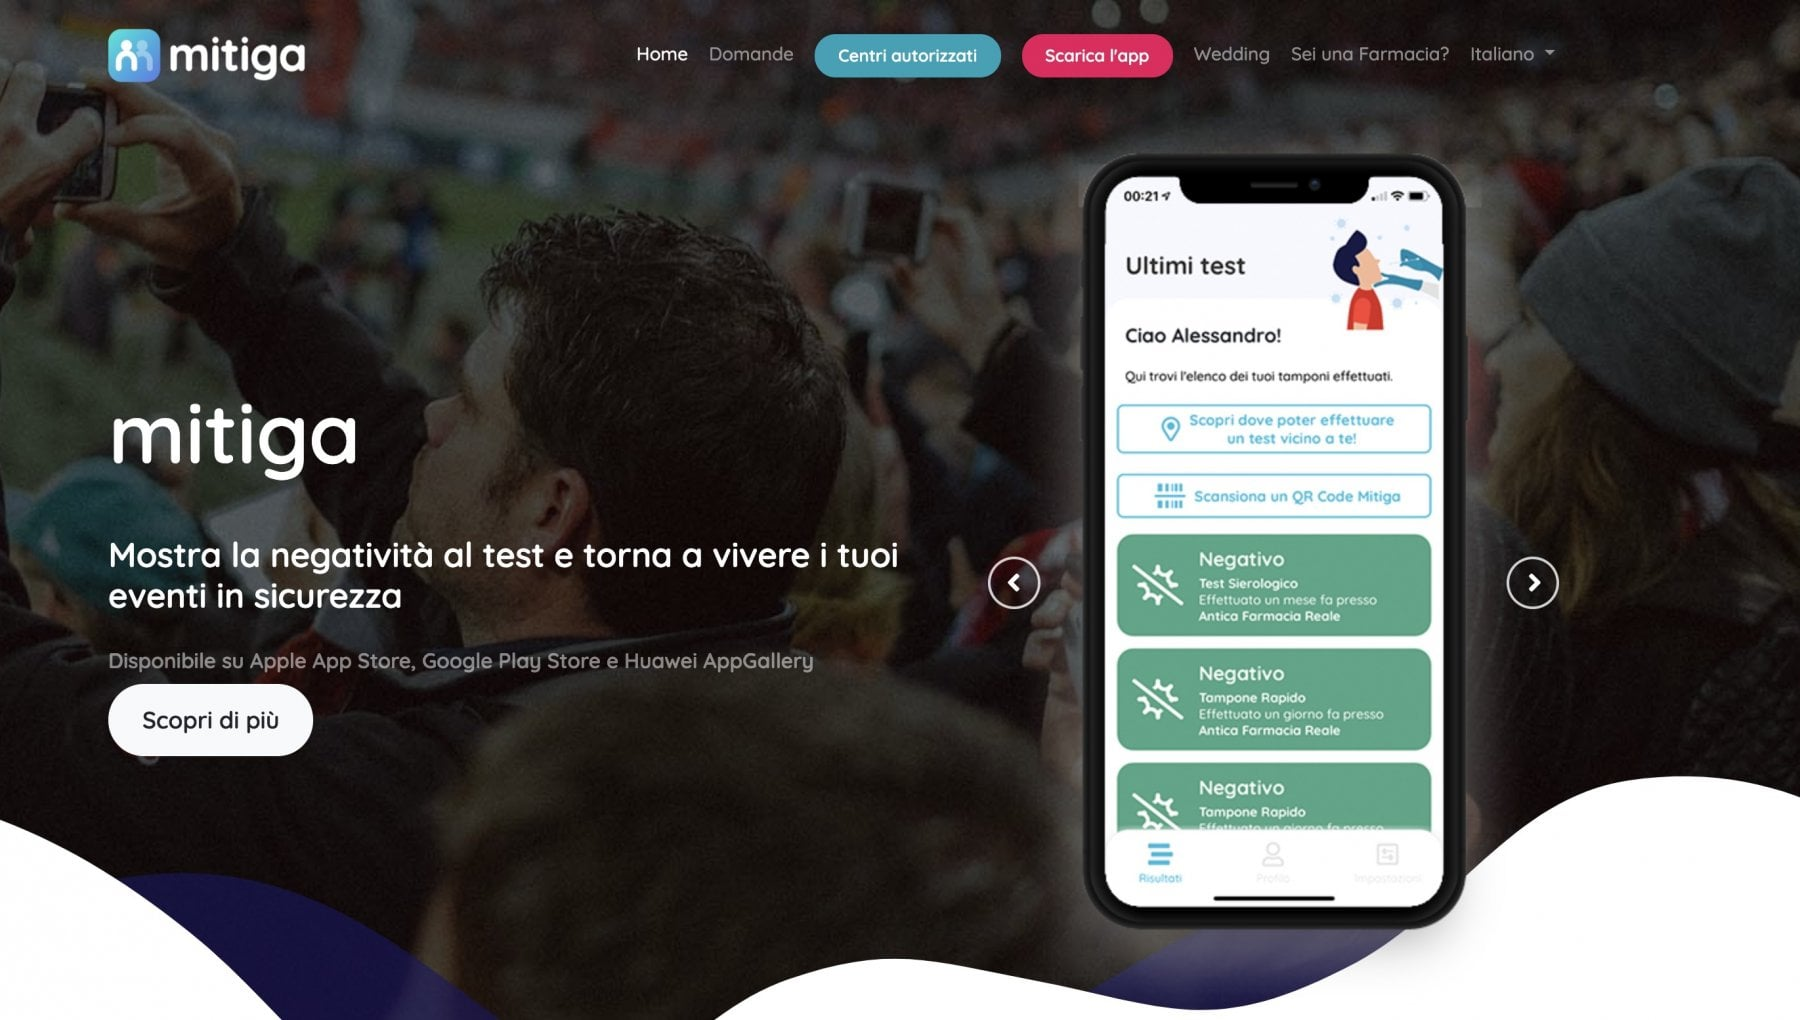 il-garante-della-privacy-blocca-mitiga,-l'app-per-andare-allo-stadio